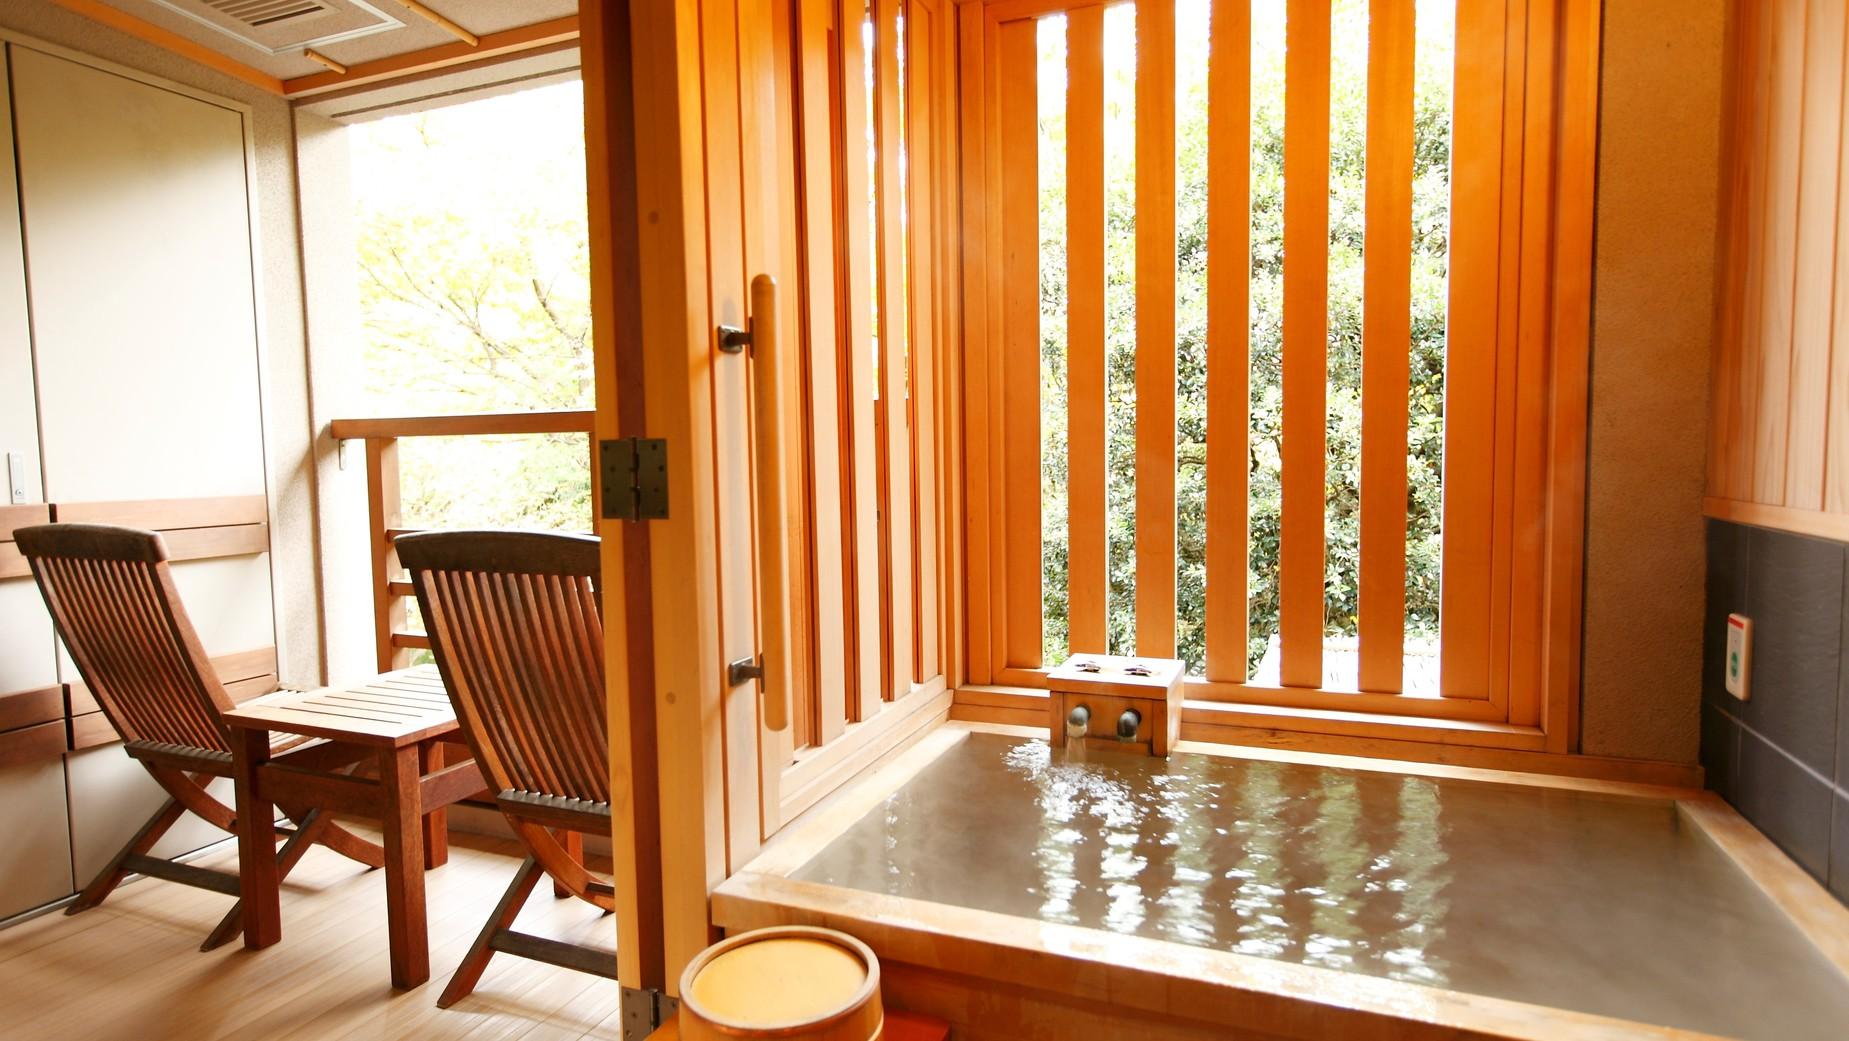 【新館:水花の庄/洋室ツイン35m2】客室の半露天風呂でプライベート空間を演出。※温泉ではございません